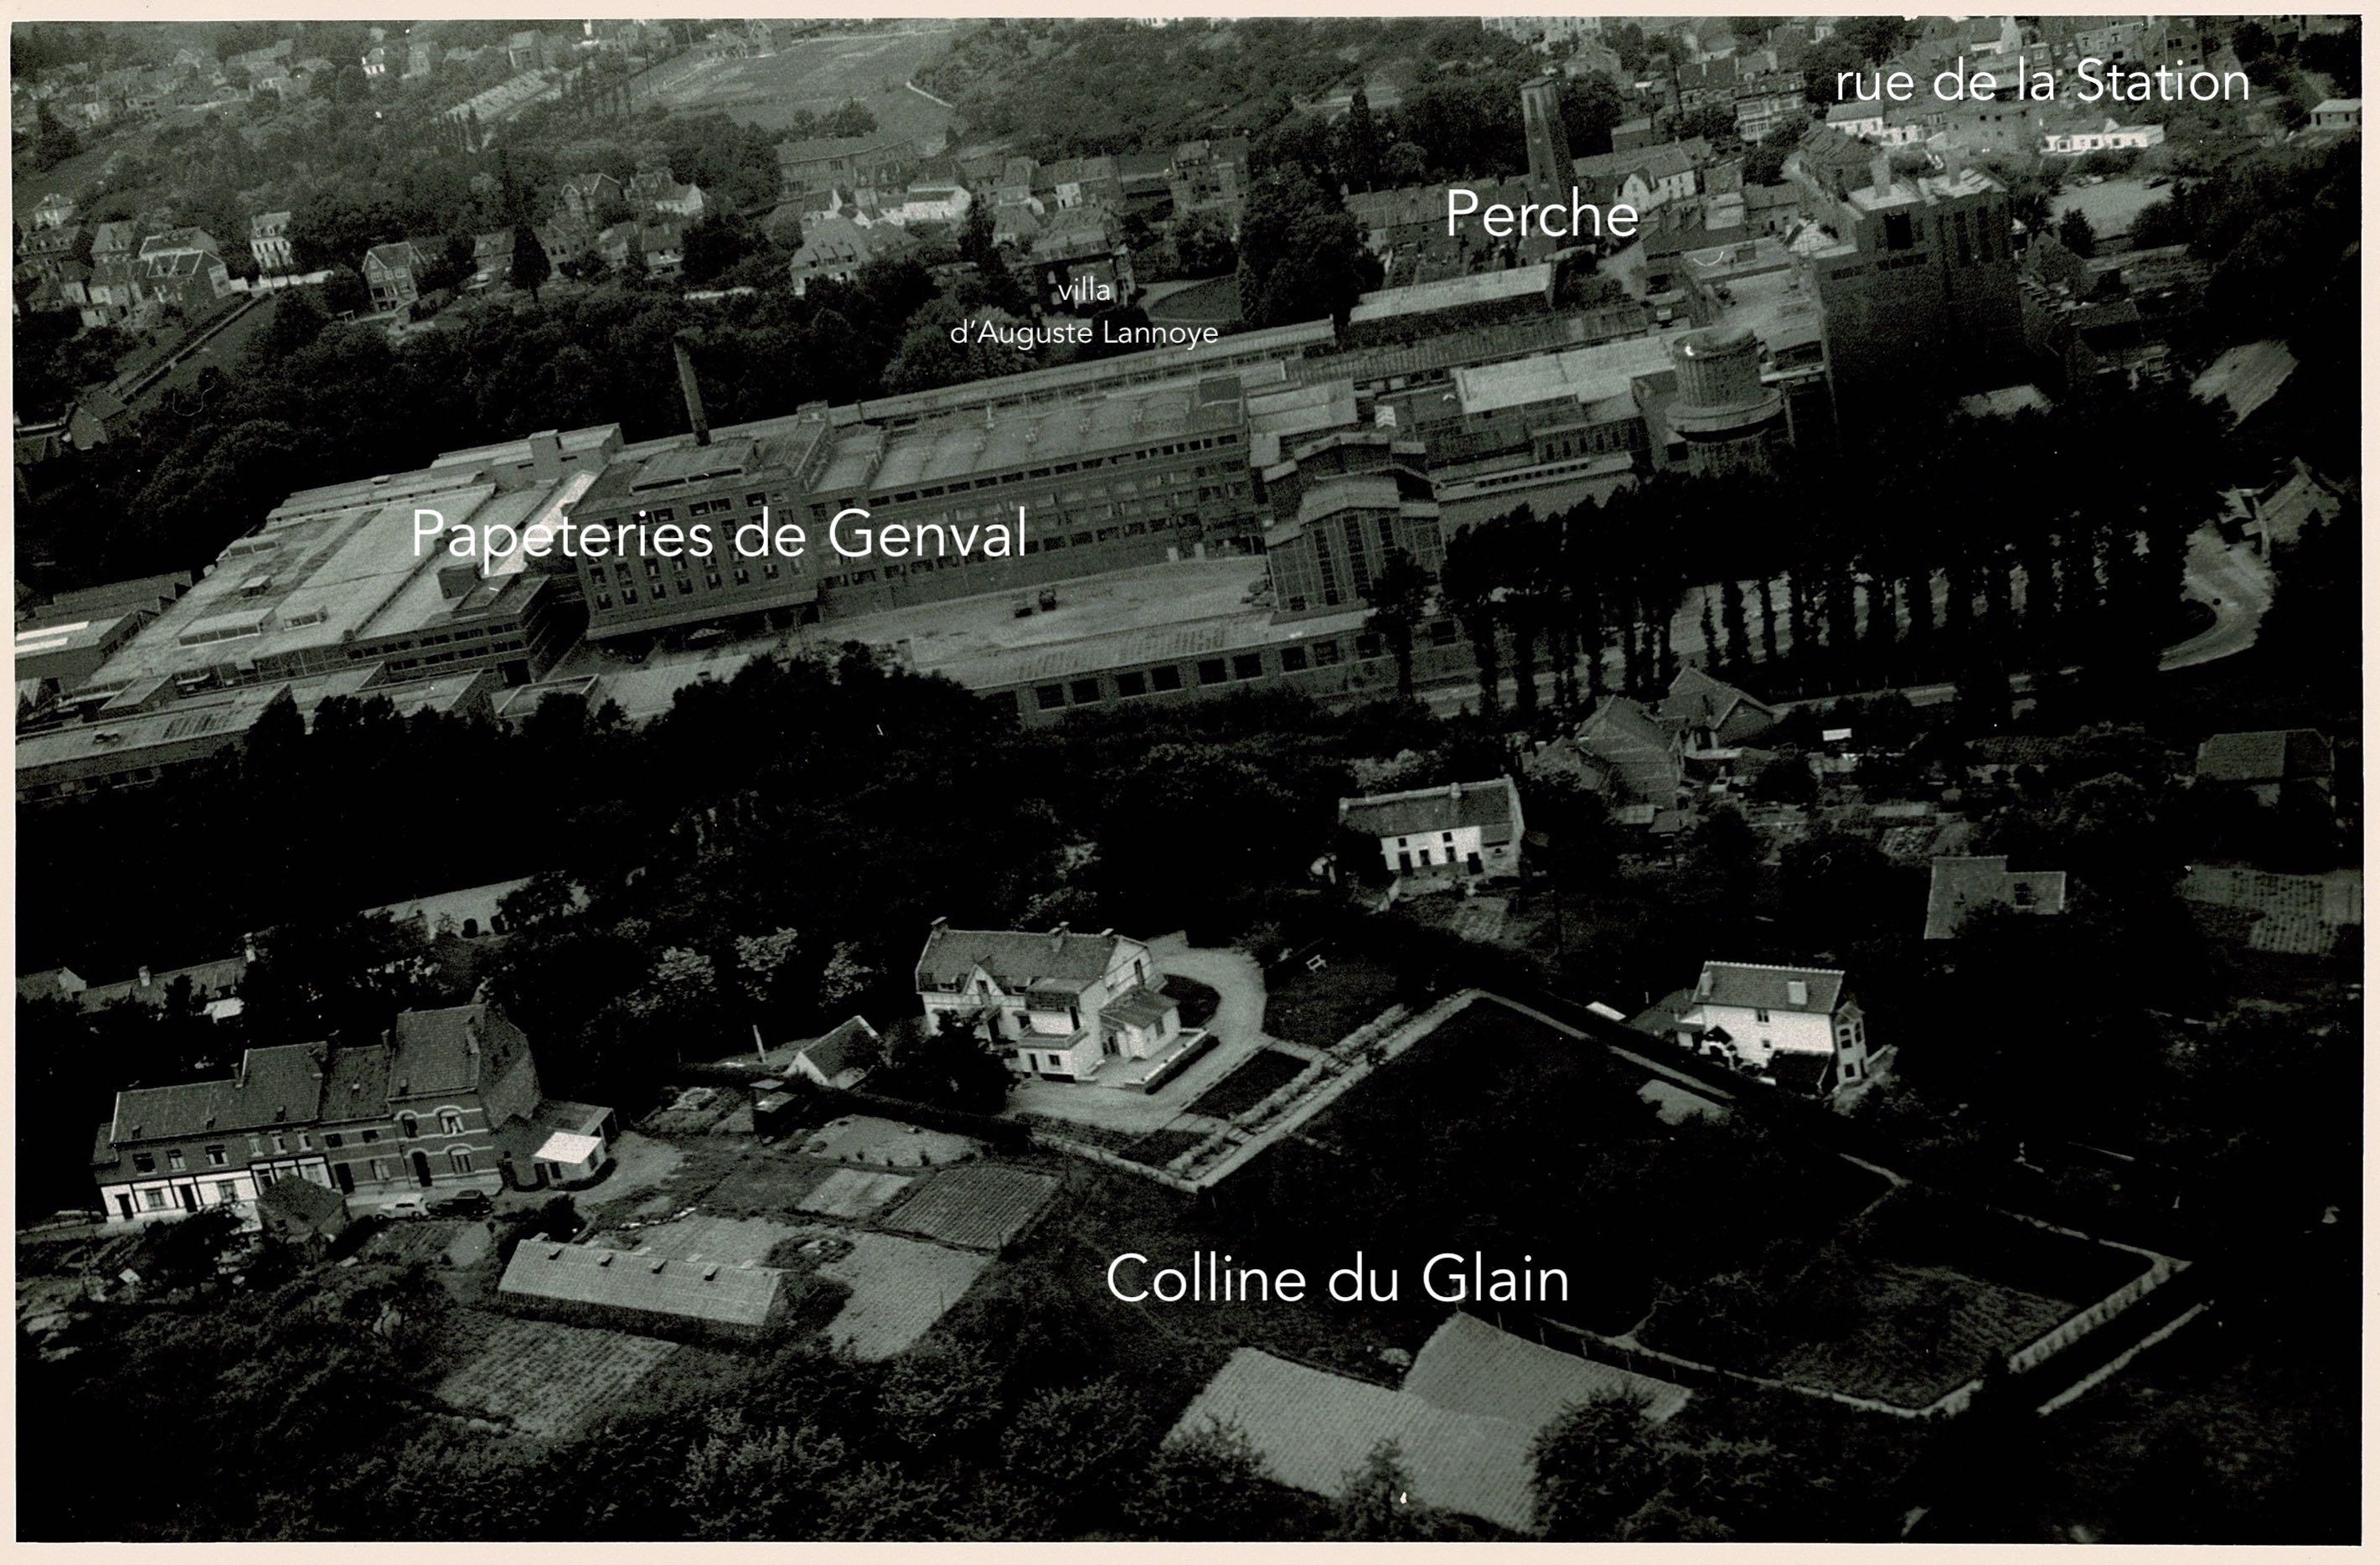 180419L-papeteries-genval-vue-generale-photo-Thierry-deVillers-Pierre-dOtreppe-DOTREVILLE-coll-Vivien-de Walque.jpg